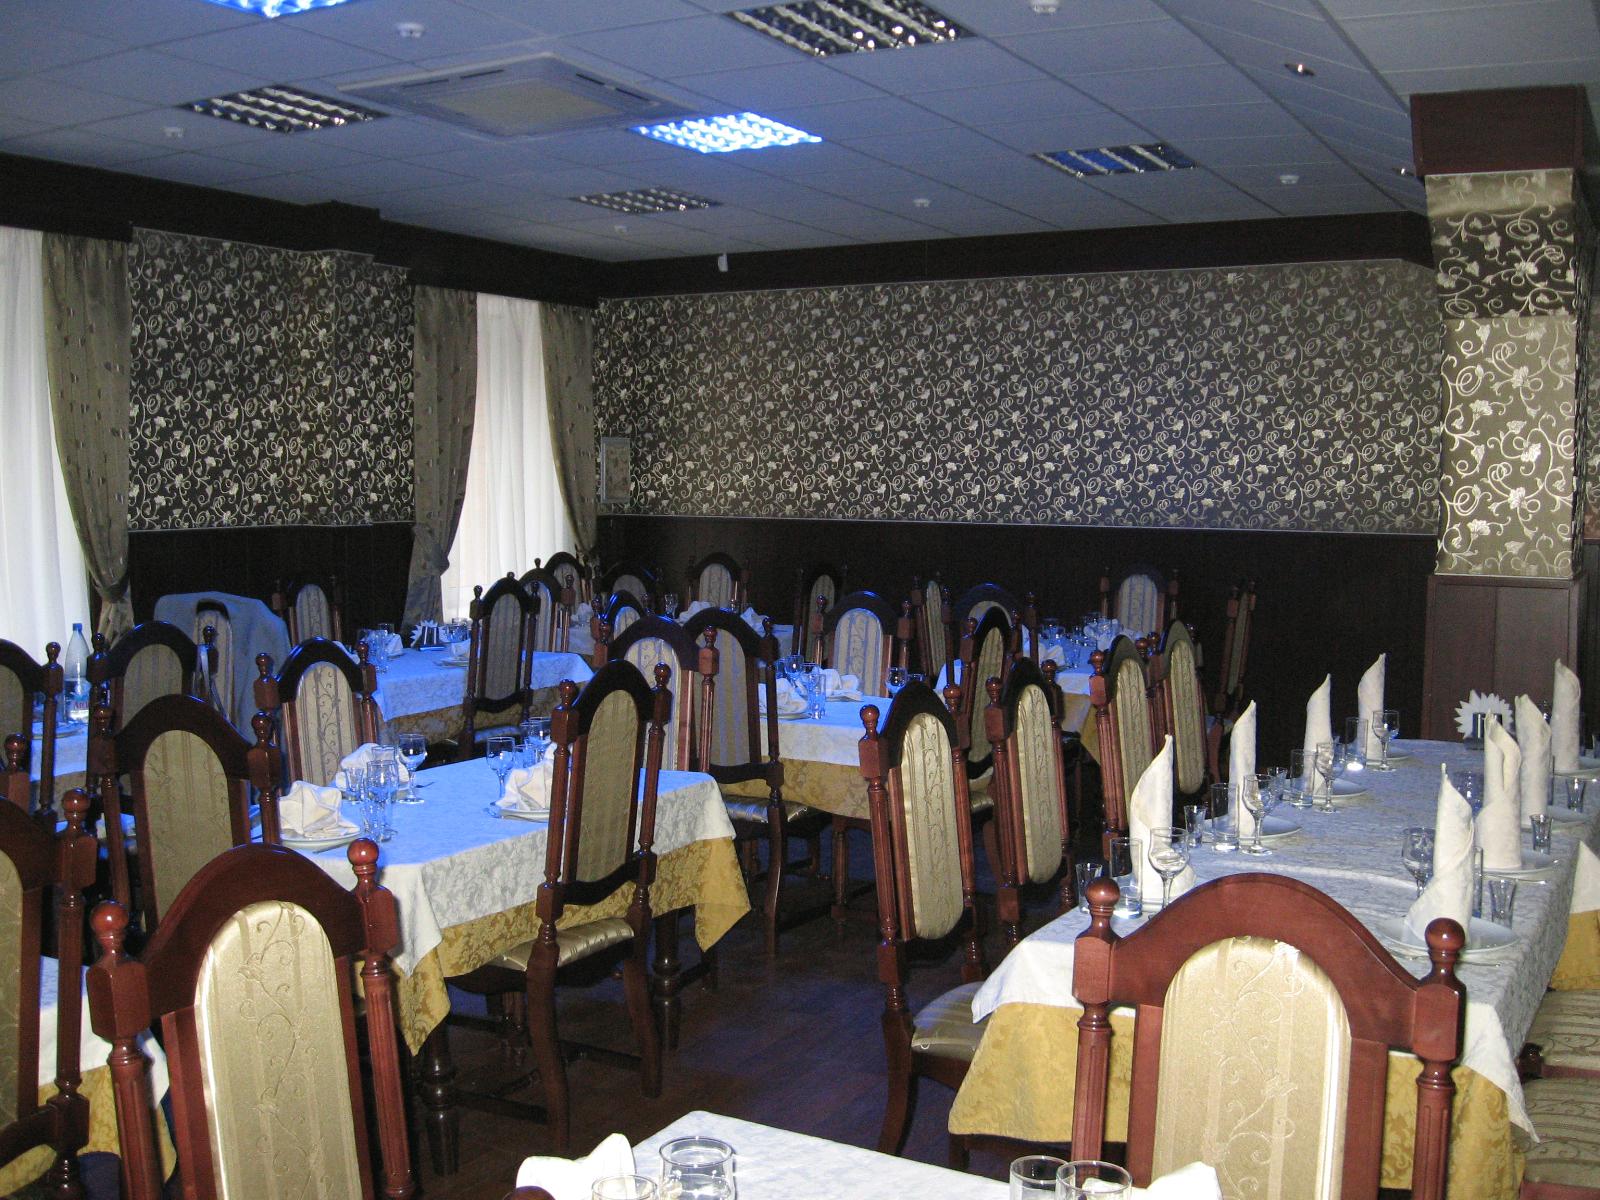 Ресторан - Малый зал - Для увеличения кликните по изображению